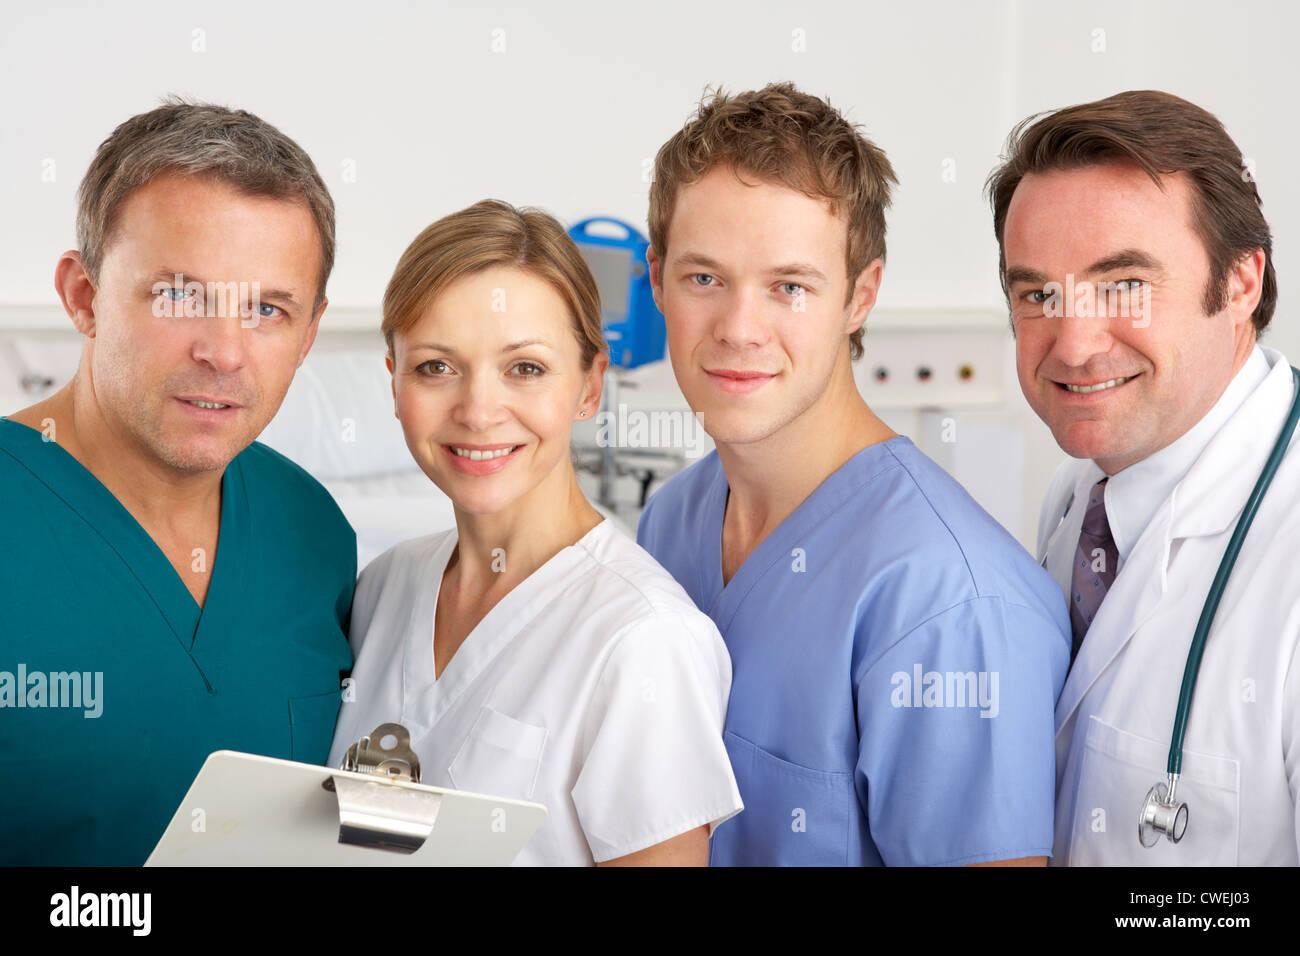 Retrato del equipo Estadounidense de Médicos en el hospital Imagen De Stock